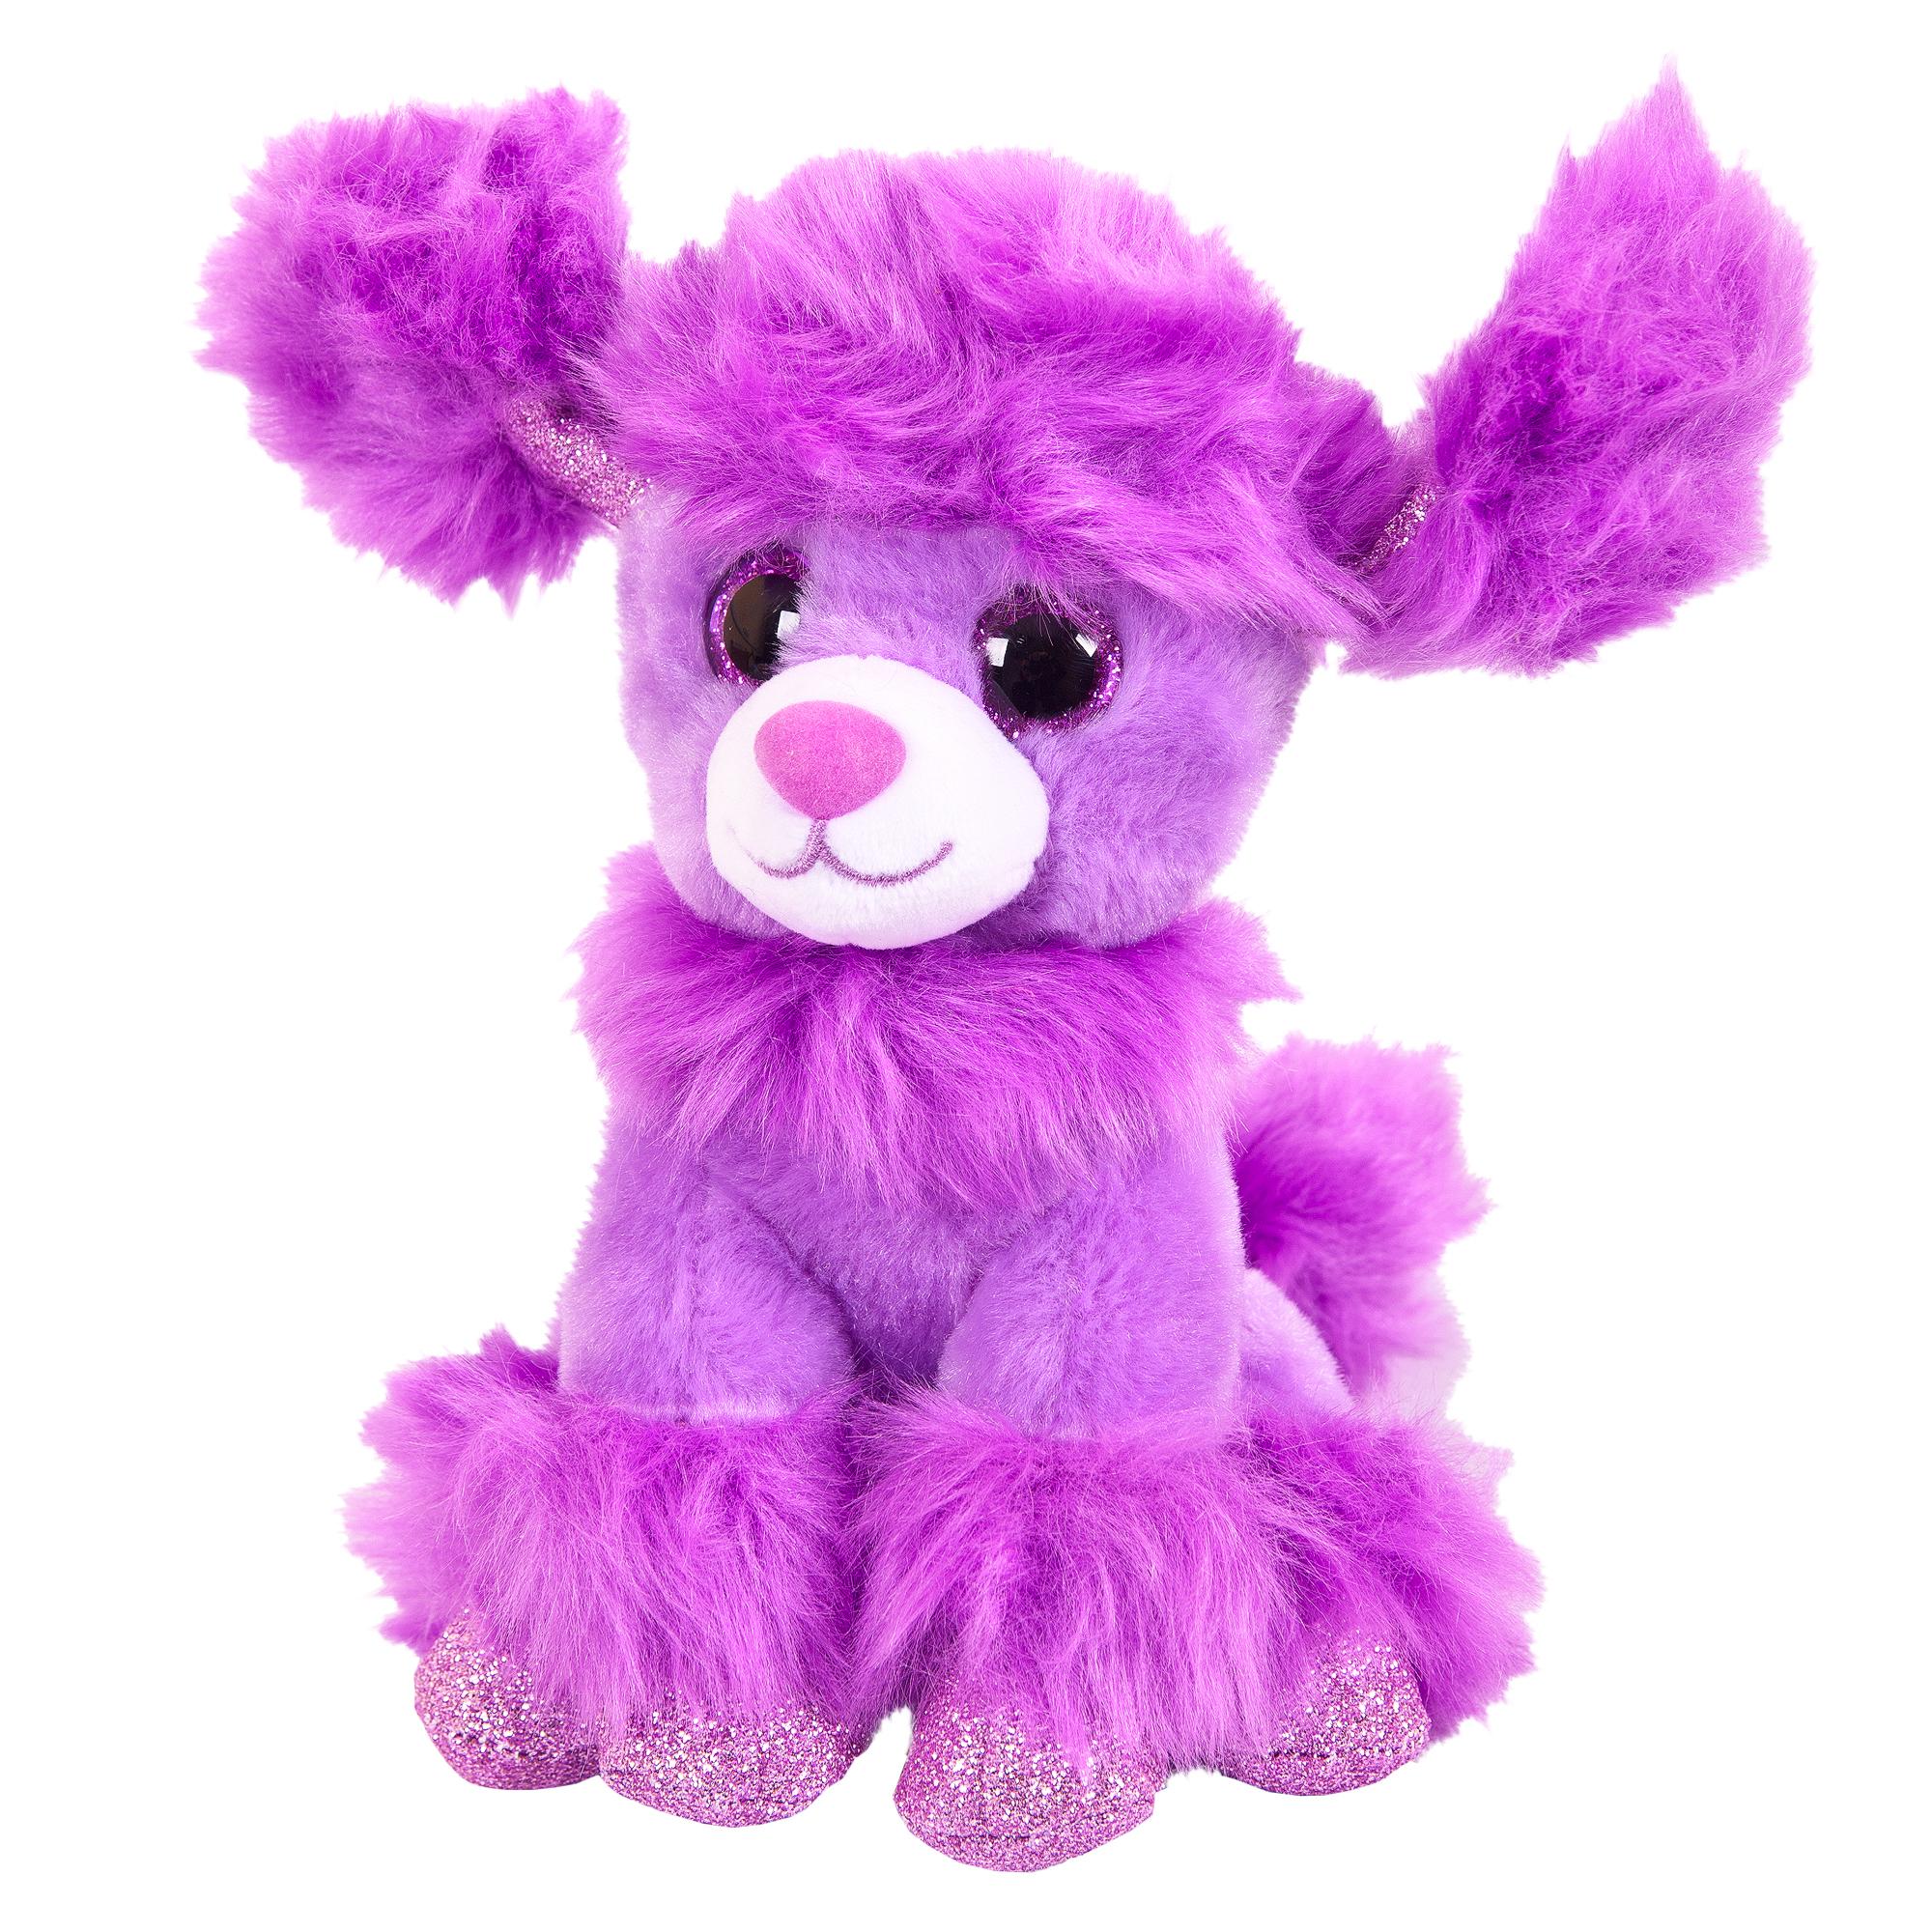 Мягкие игрушки ABtoys Пудель игрушки для детей